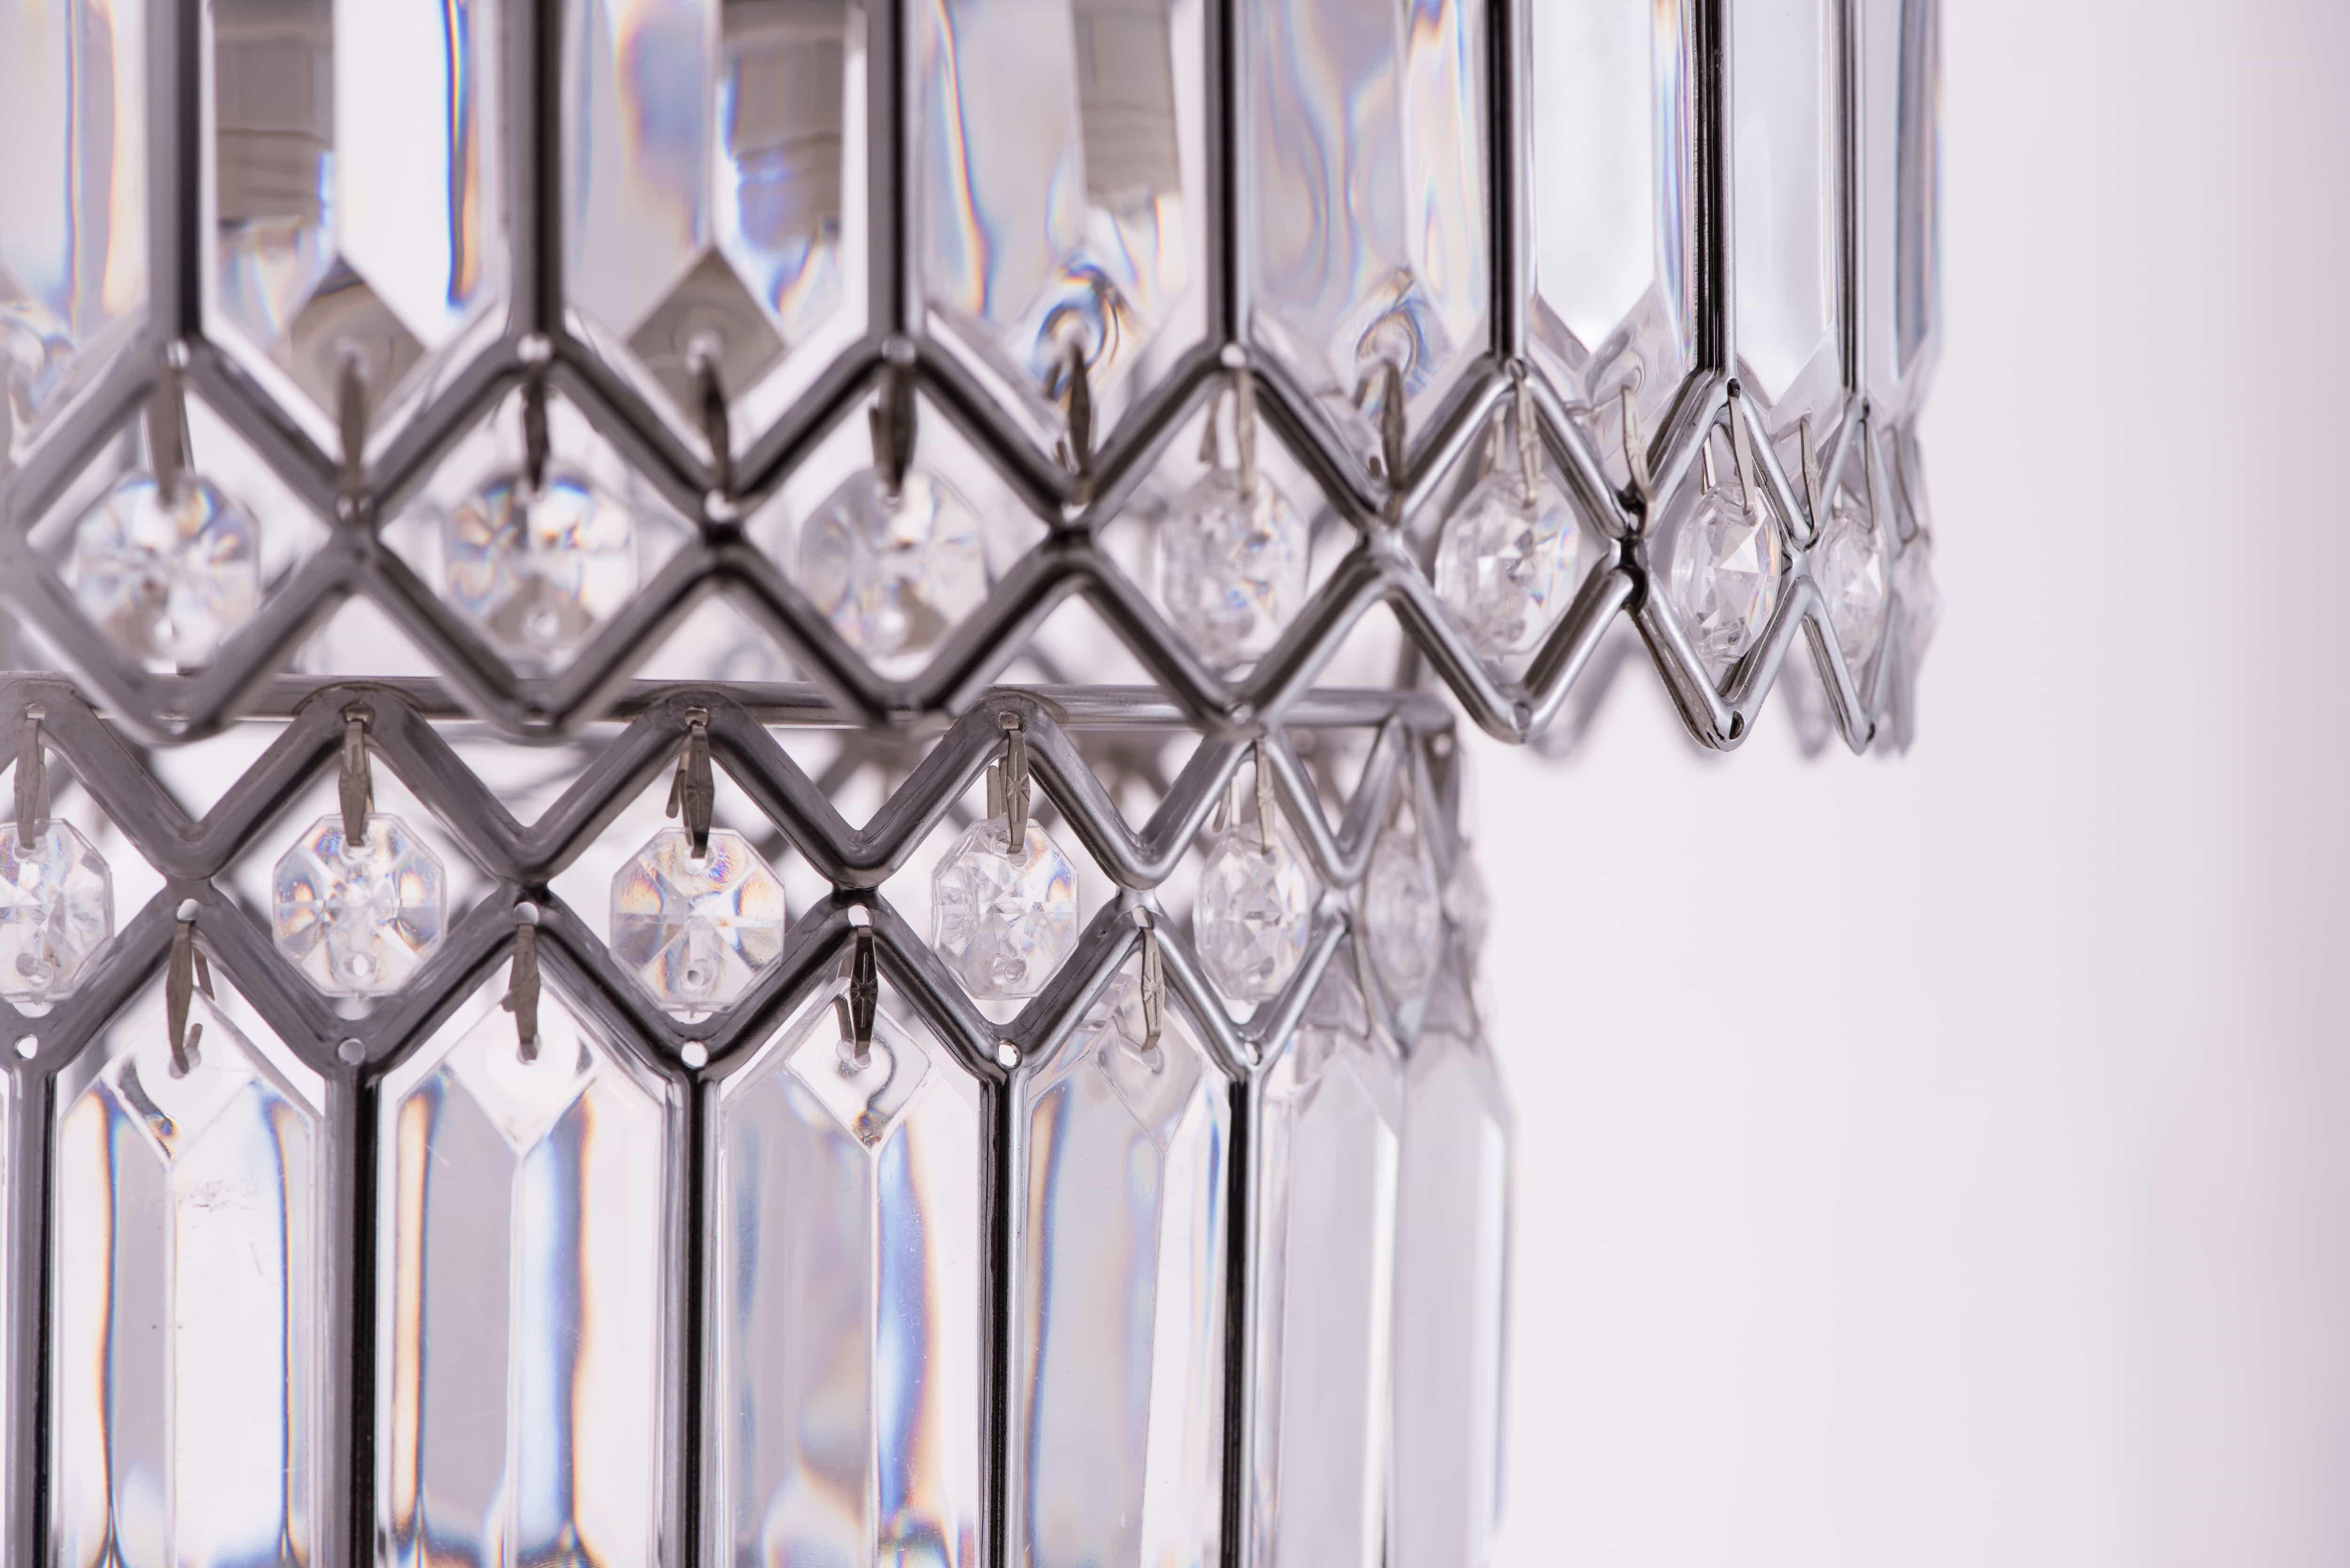 鍍鉻銀鐵花邊透明壓克立吊燈-BNL00056 5